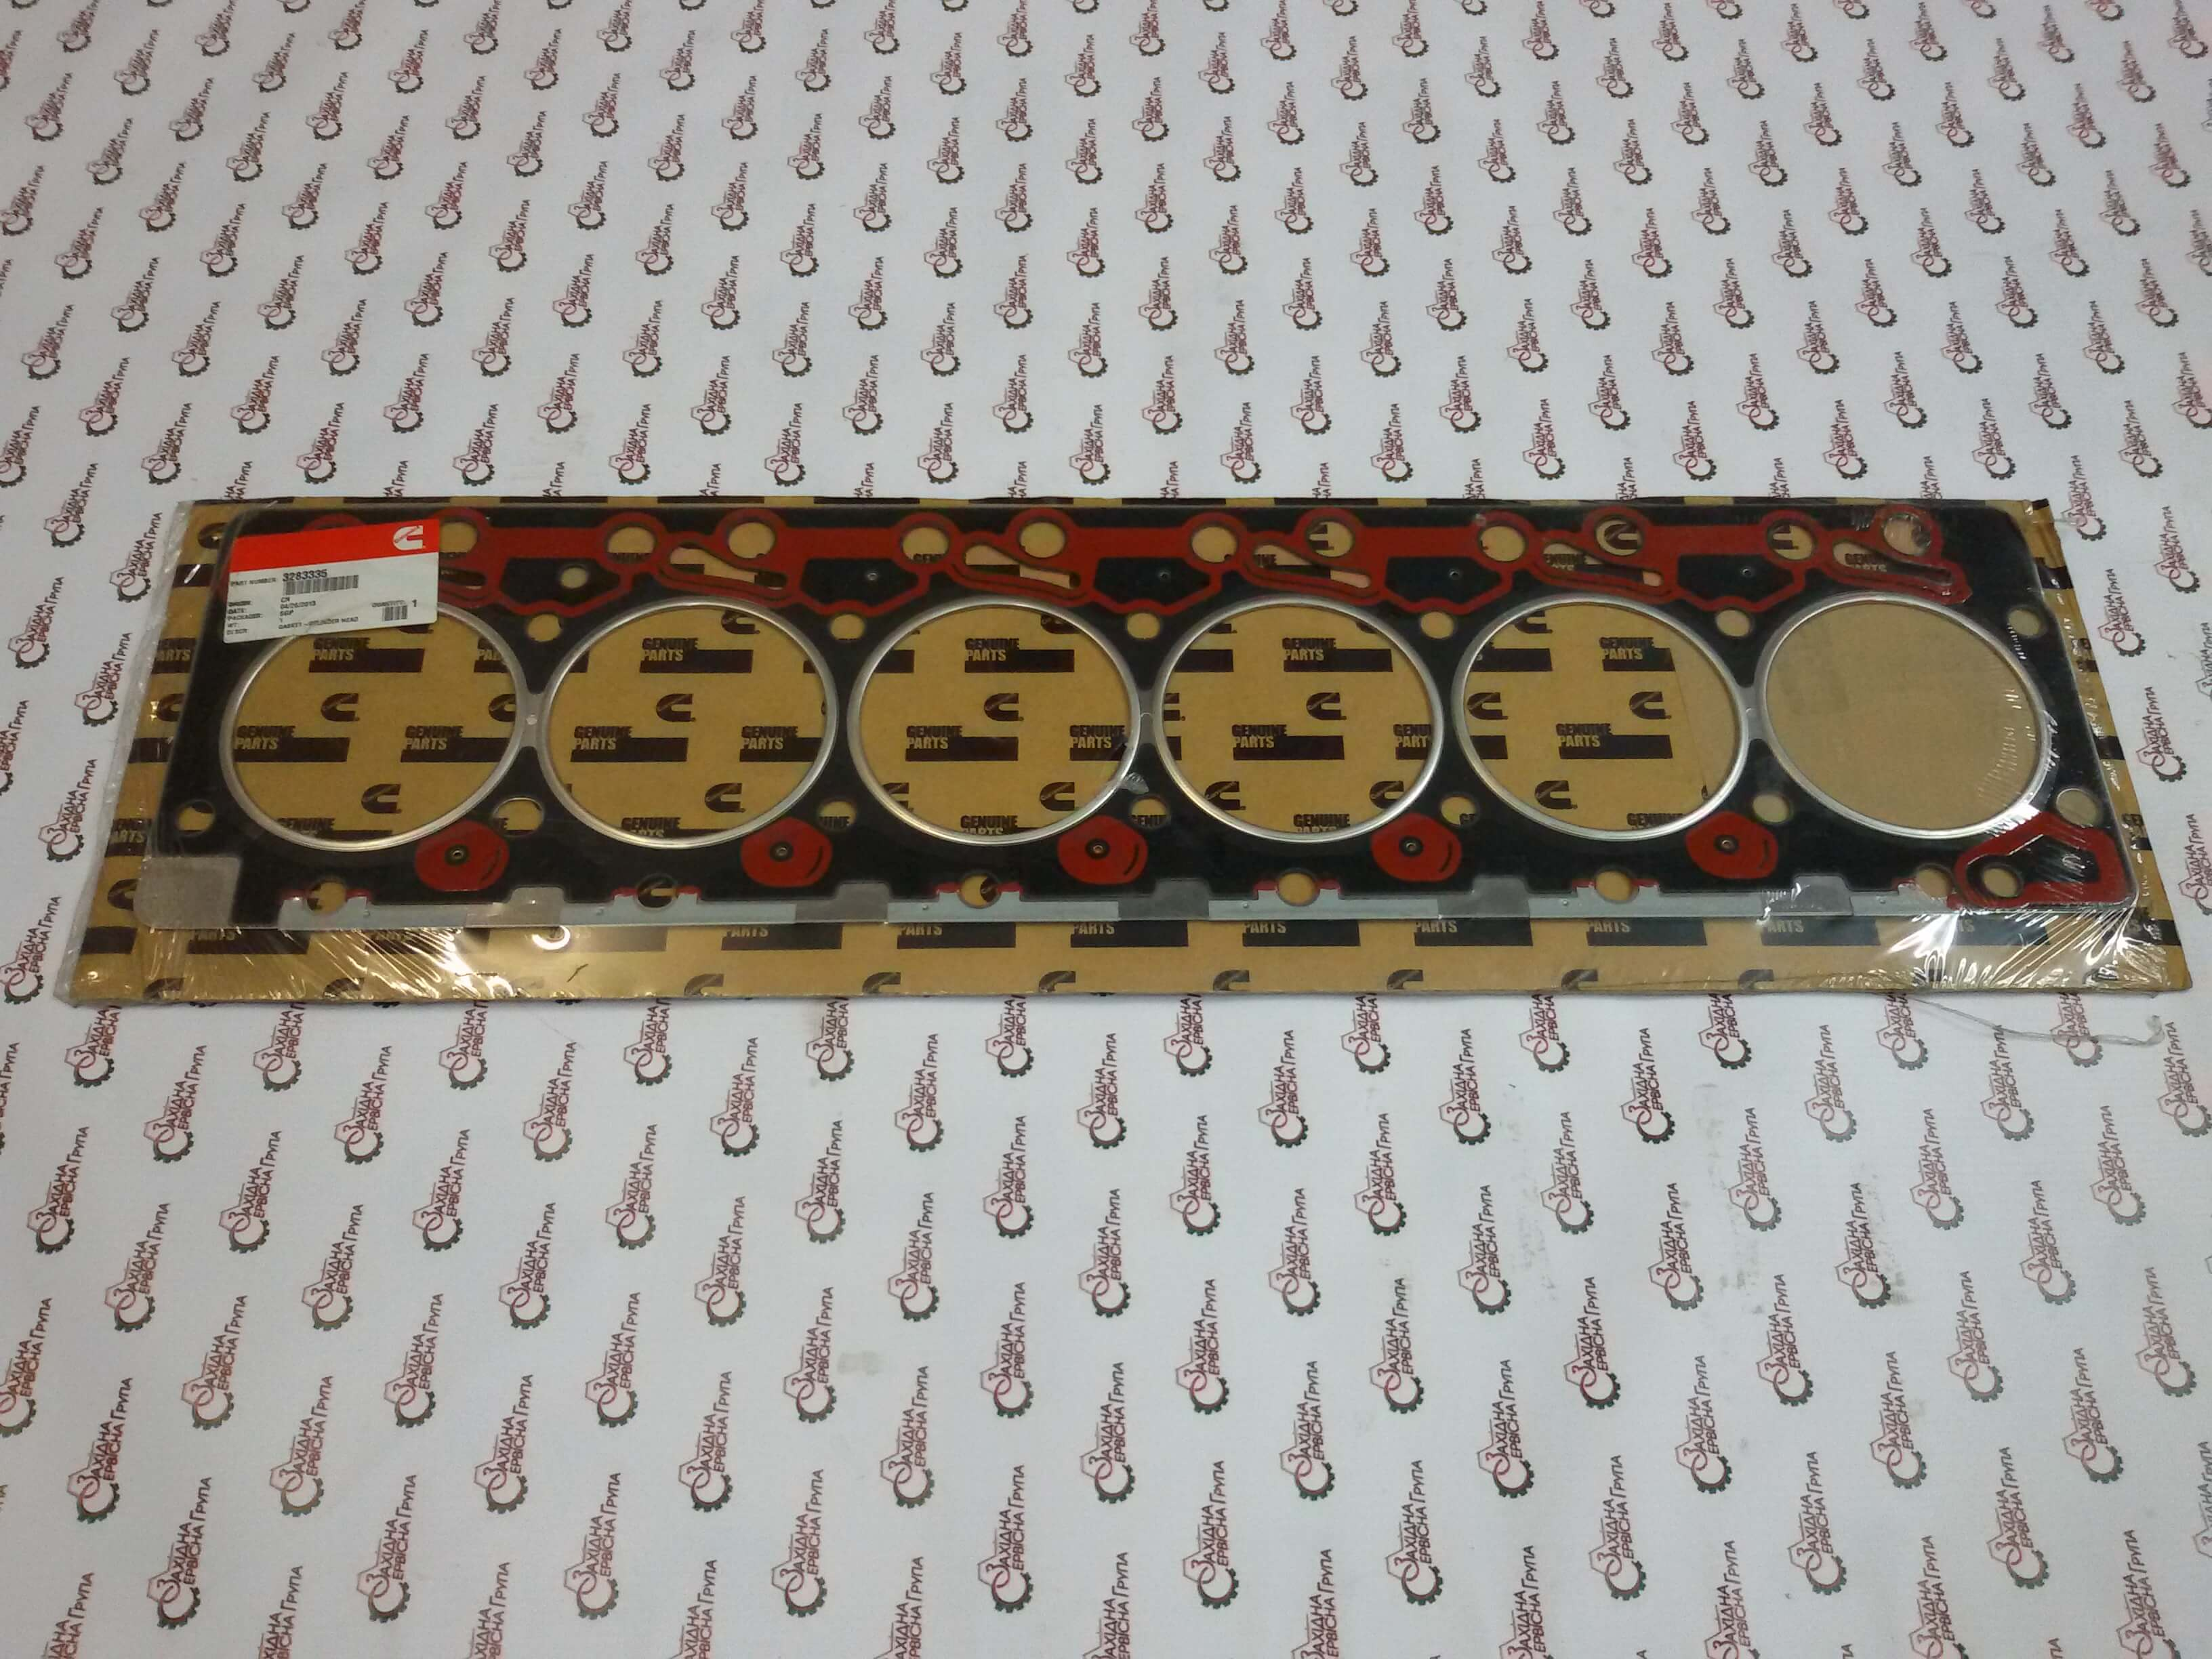 Прокладка головки блока цилиндров Cummins 6BT 5.9, 3283335, 3283192, 3283570, 3282805, 3921394, 3908997, 3907057.